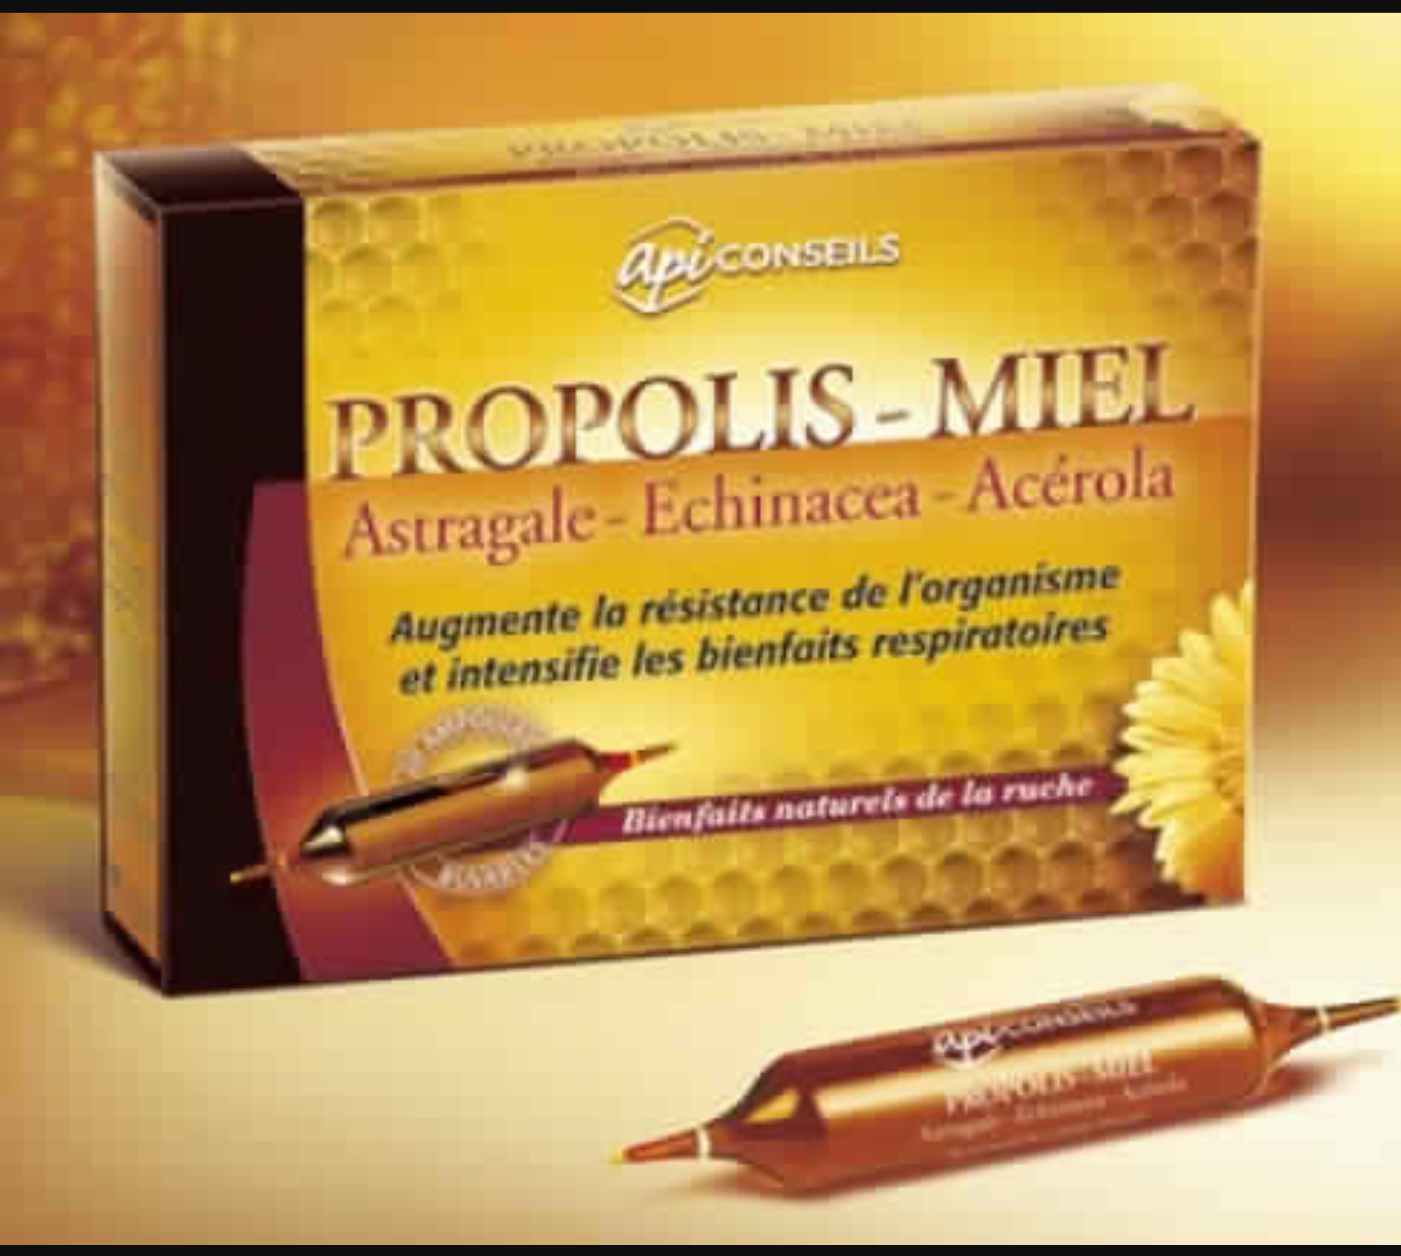 Propolis – Miel – Astragale  – Echinacea – Acérola